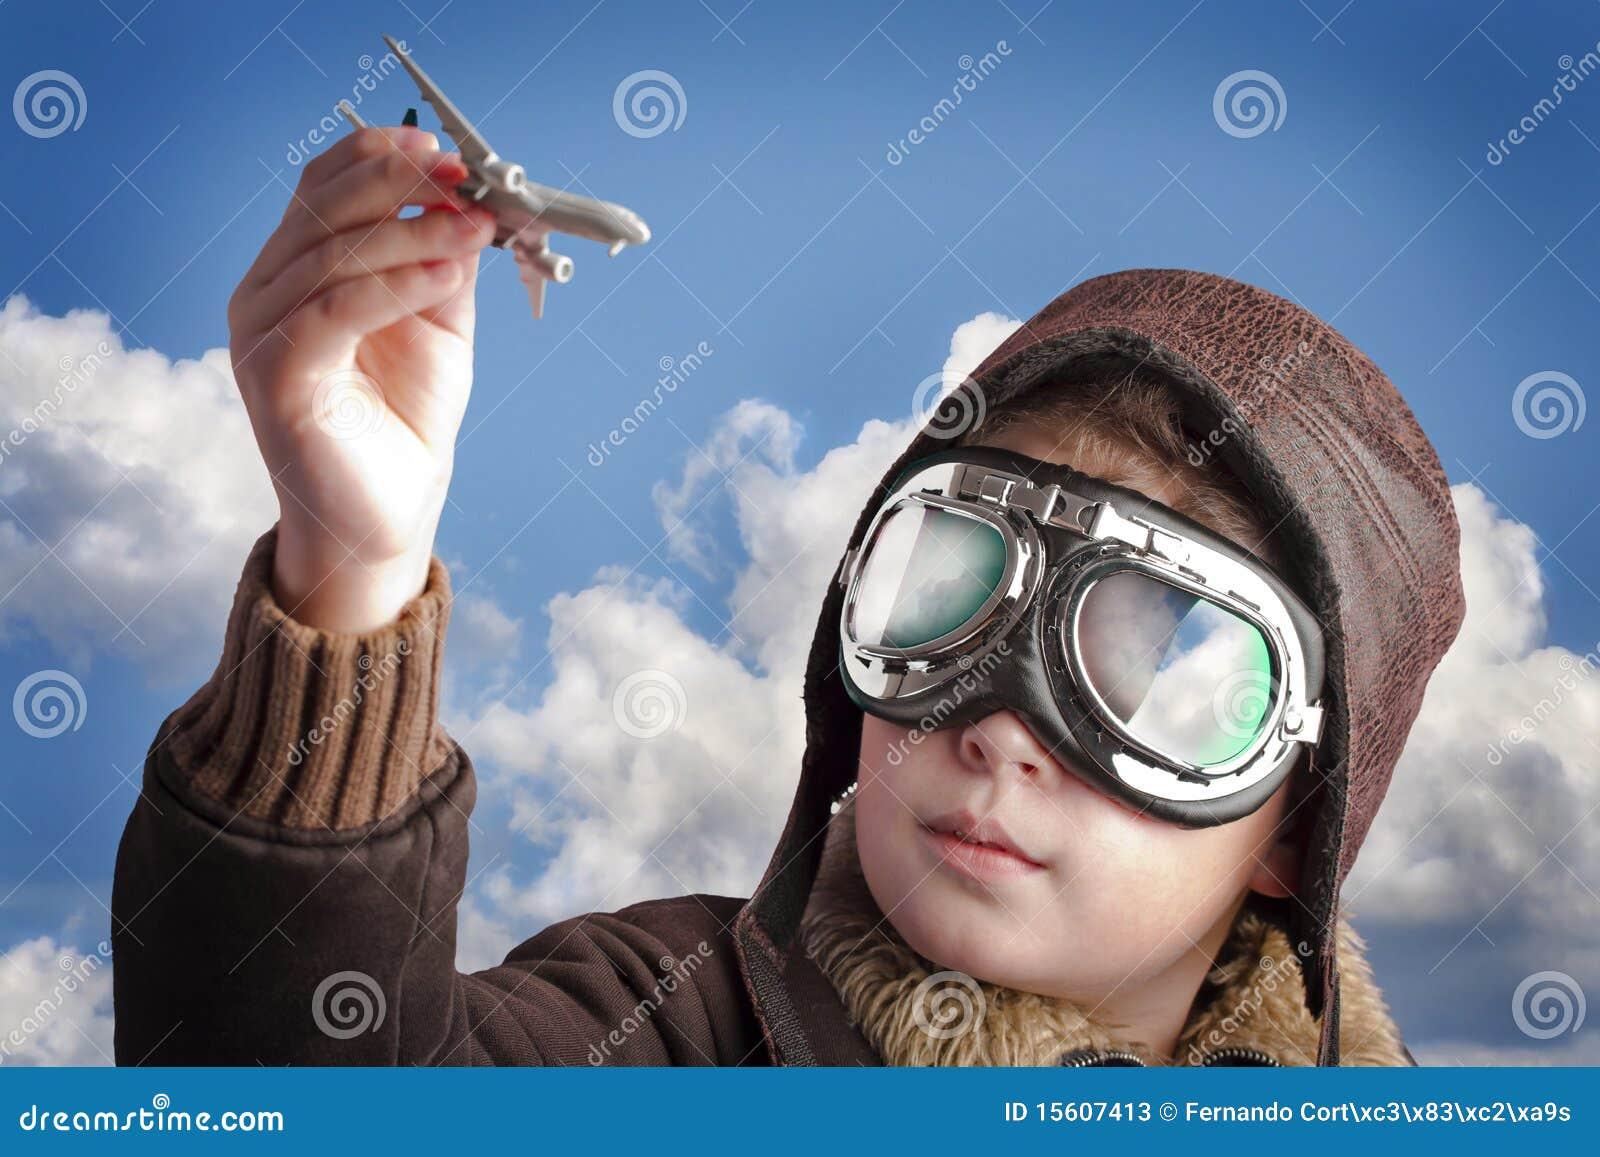 机场背景男孩帽子飞行员使用